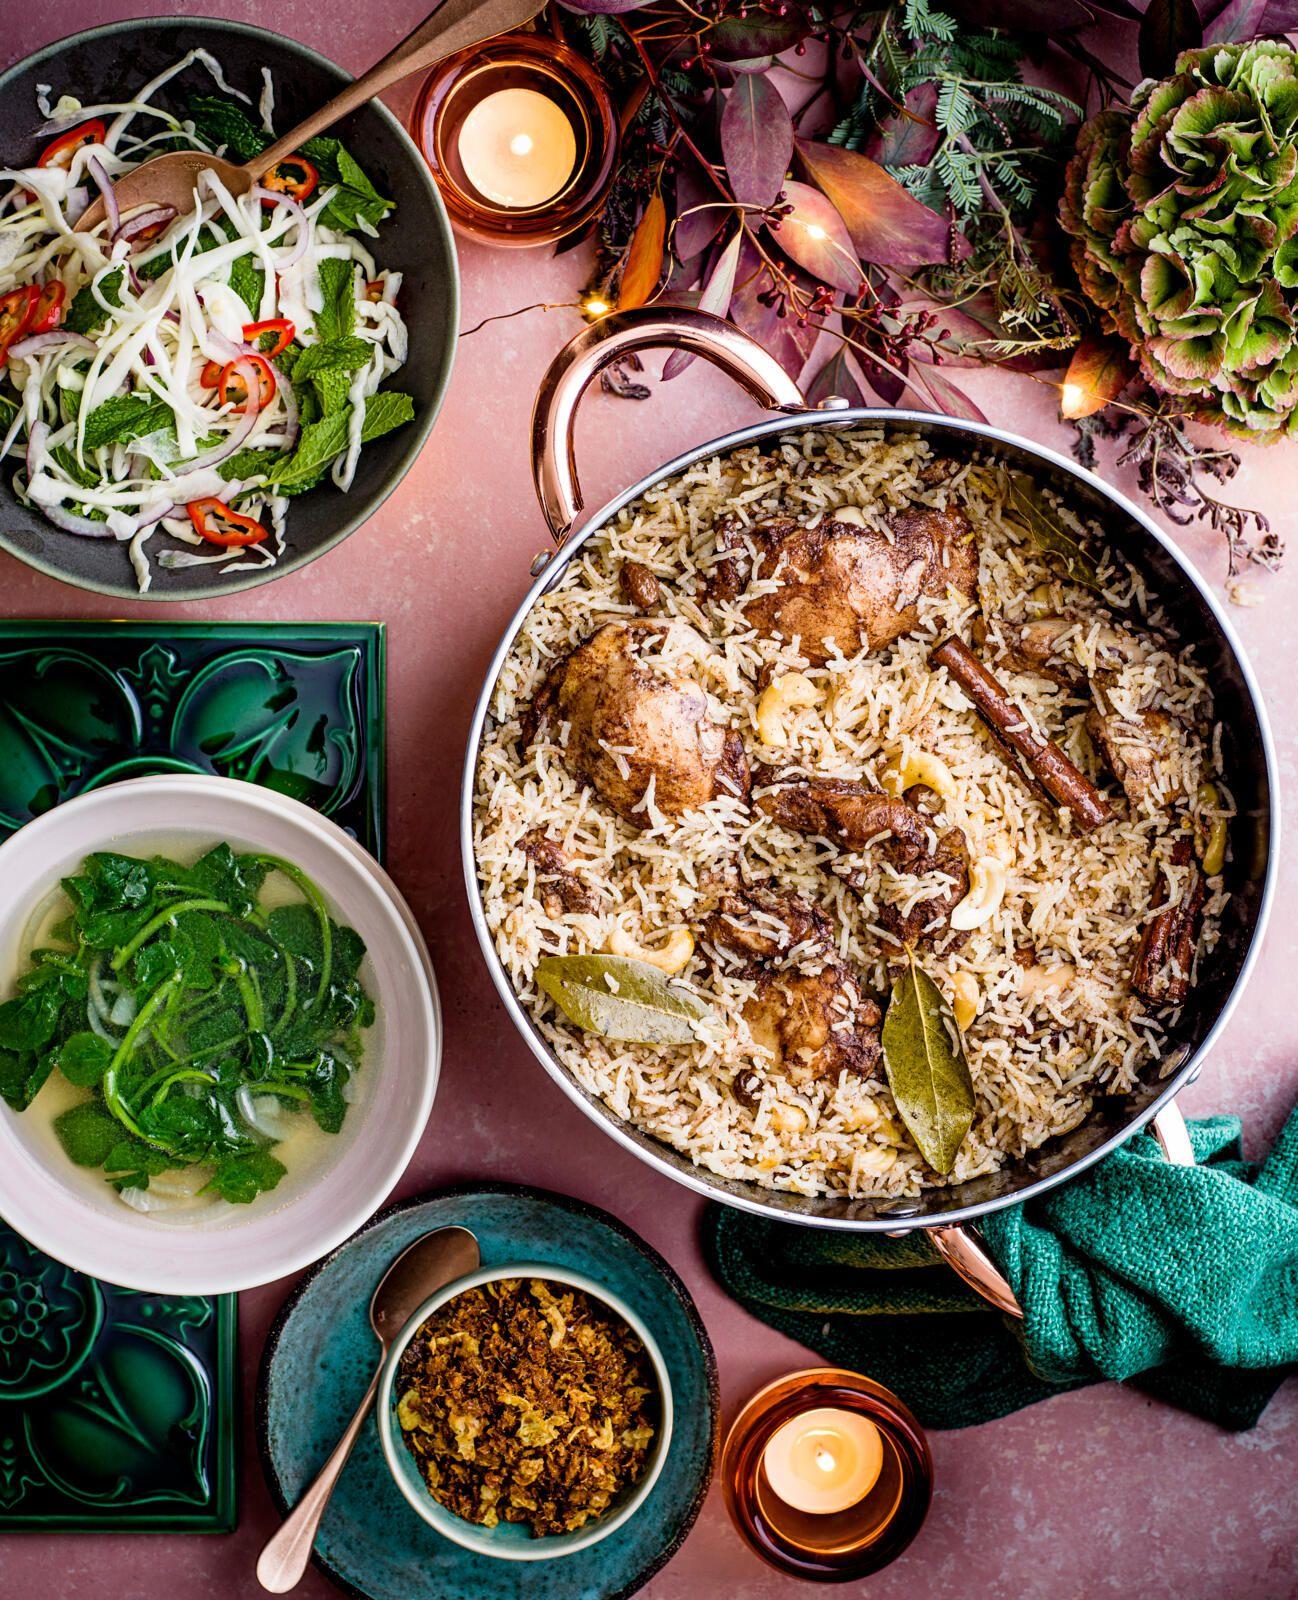 O tigaie imensă plină de coapse de pui fript și orez cu garnituri în jurul său